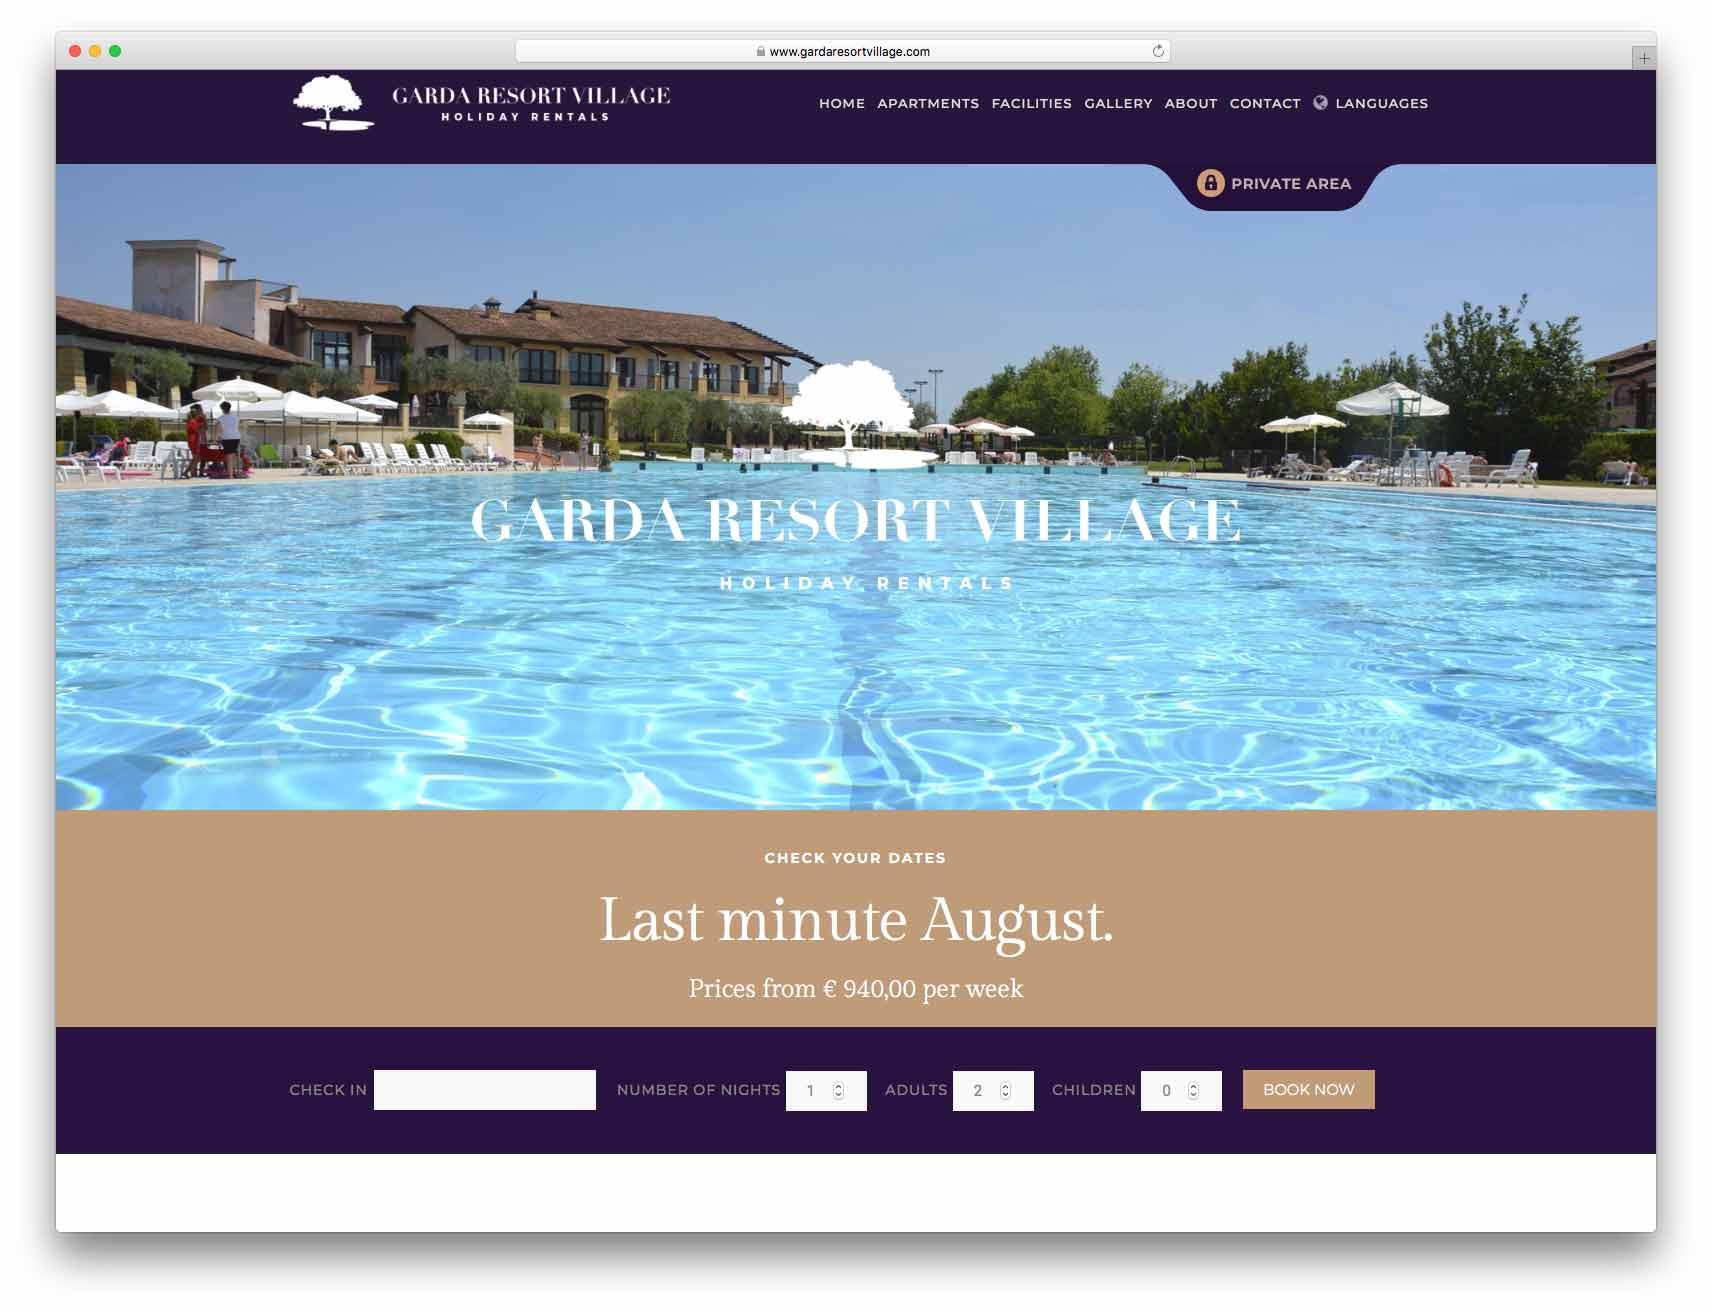 creazione siti web brescia - sito web garda resort village